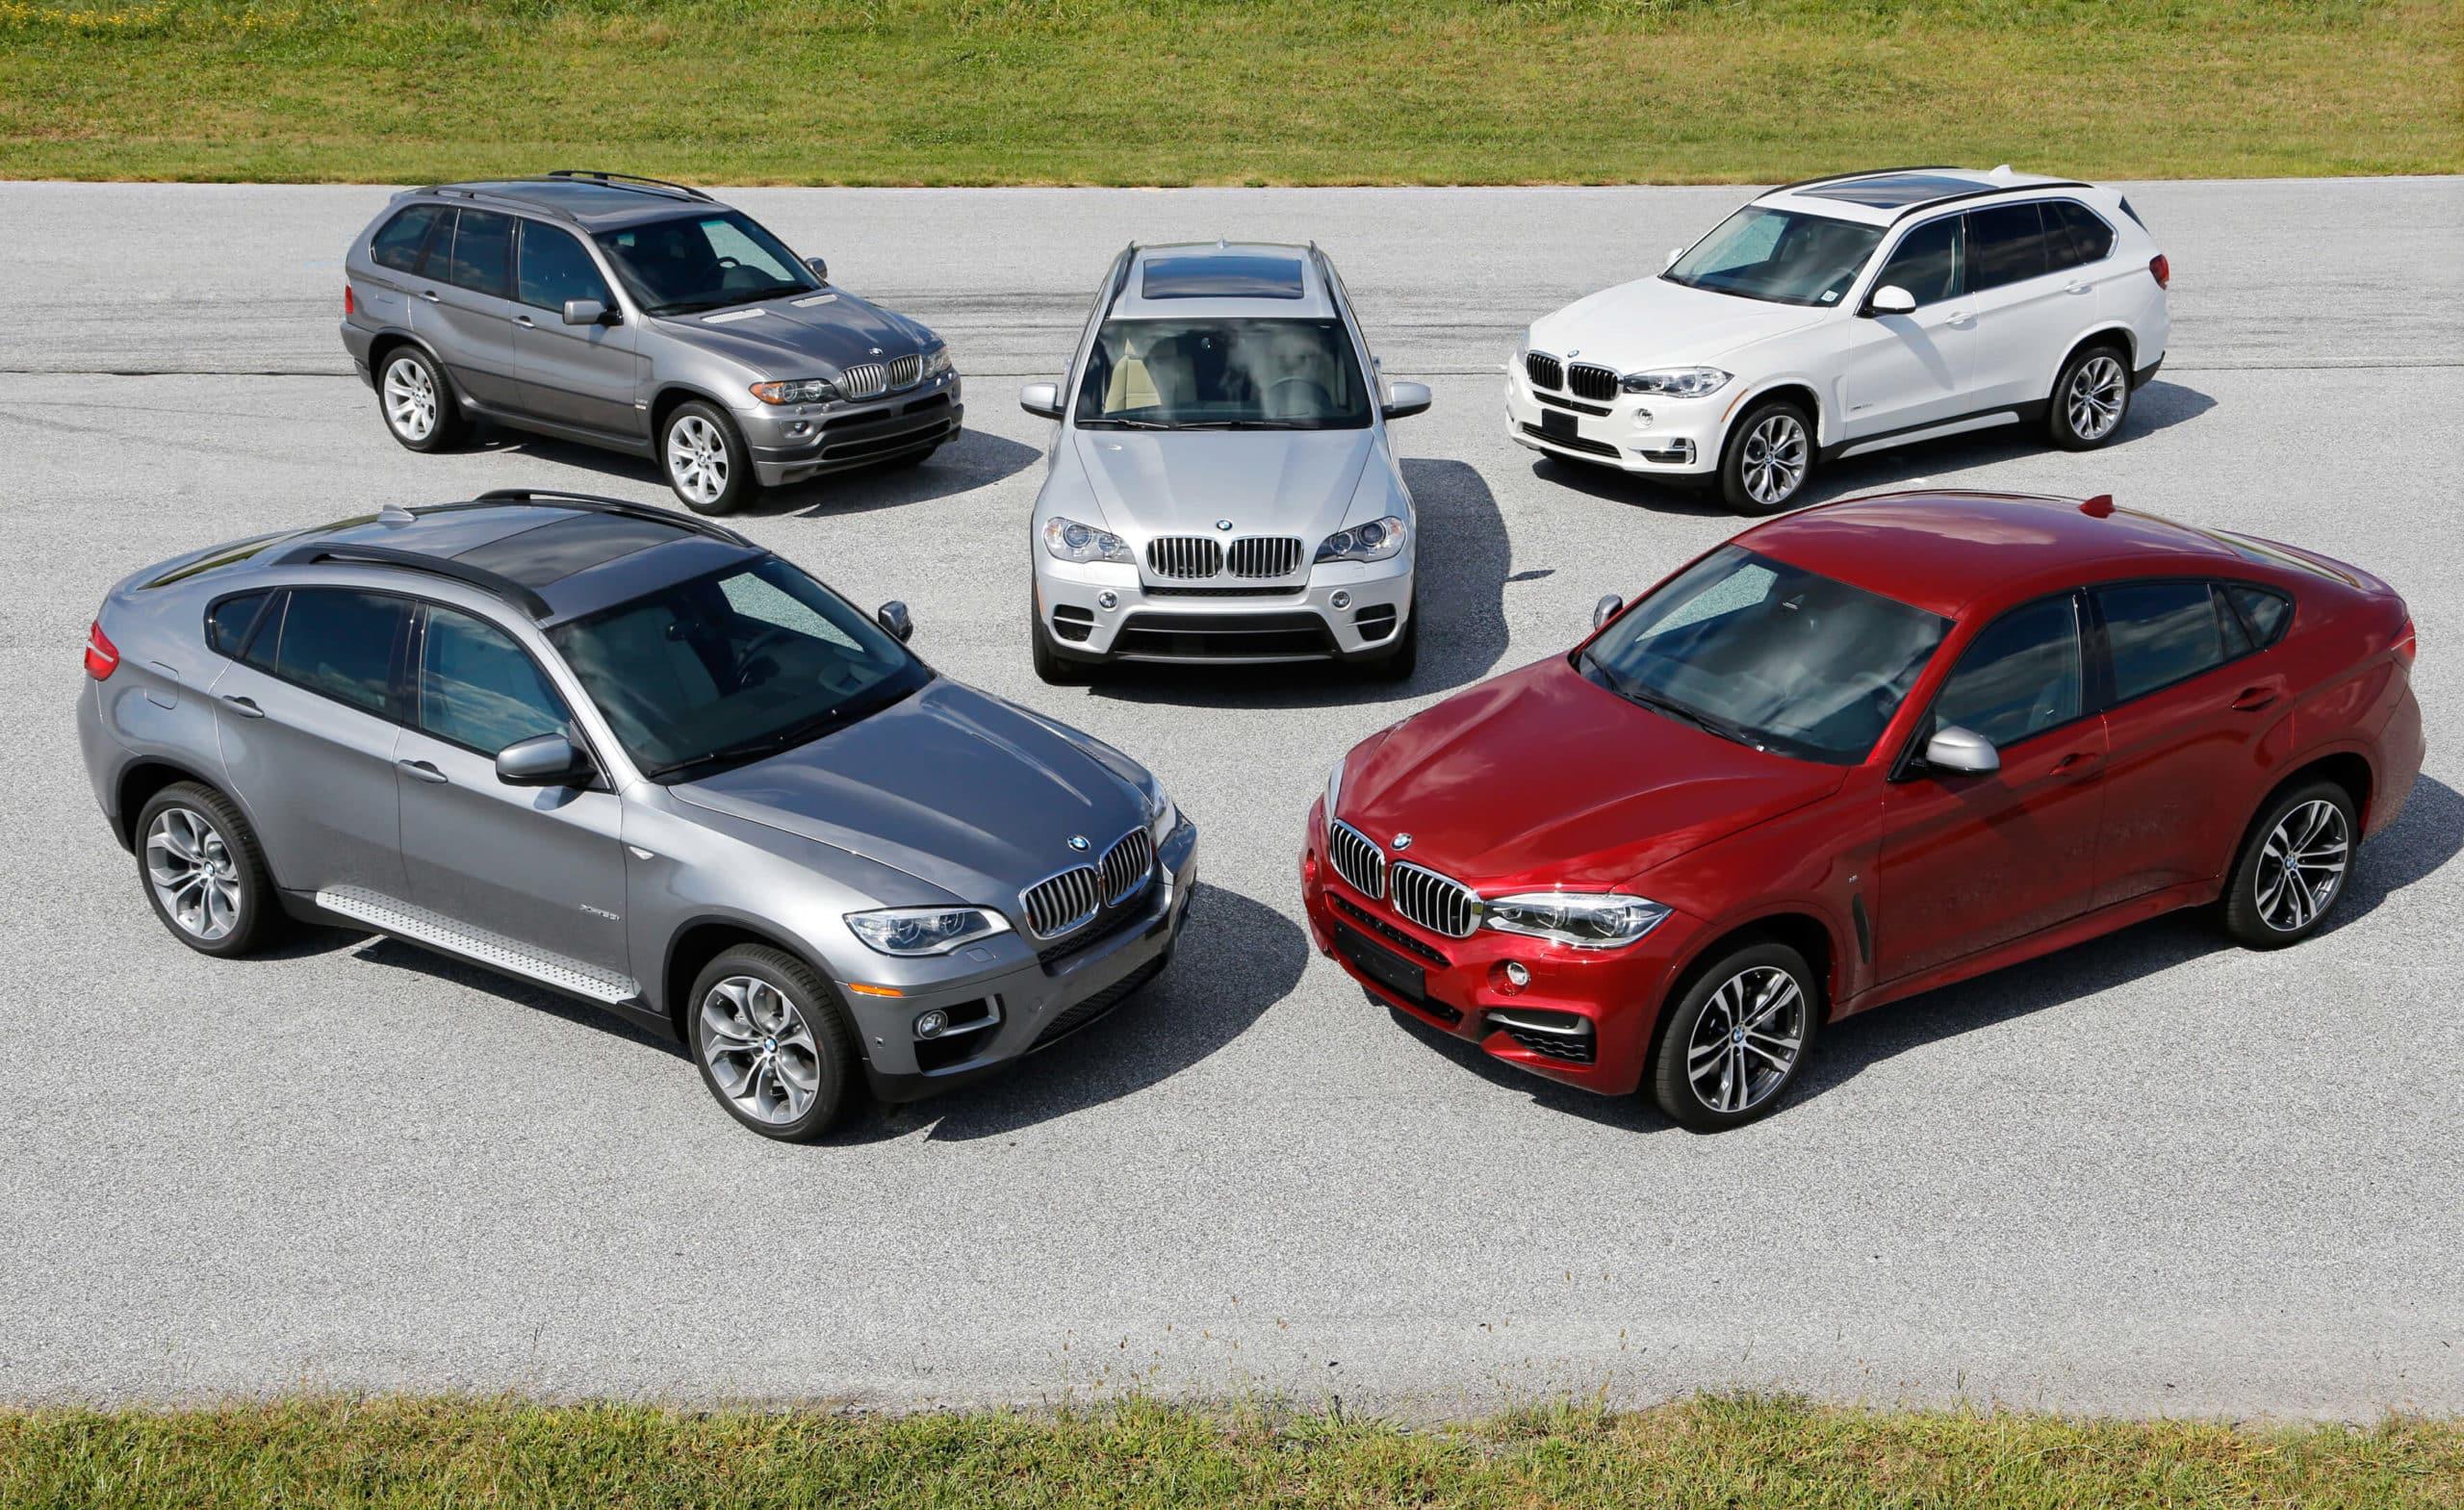 BMW X4, X5, X6